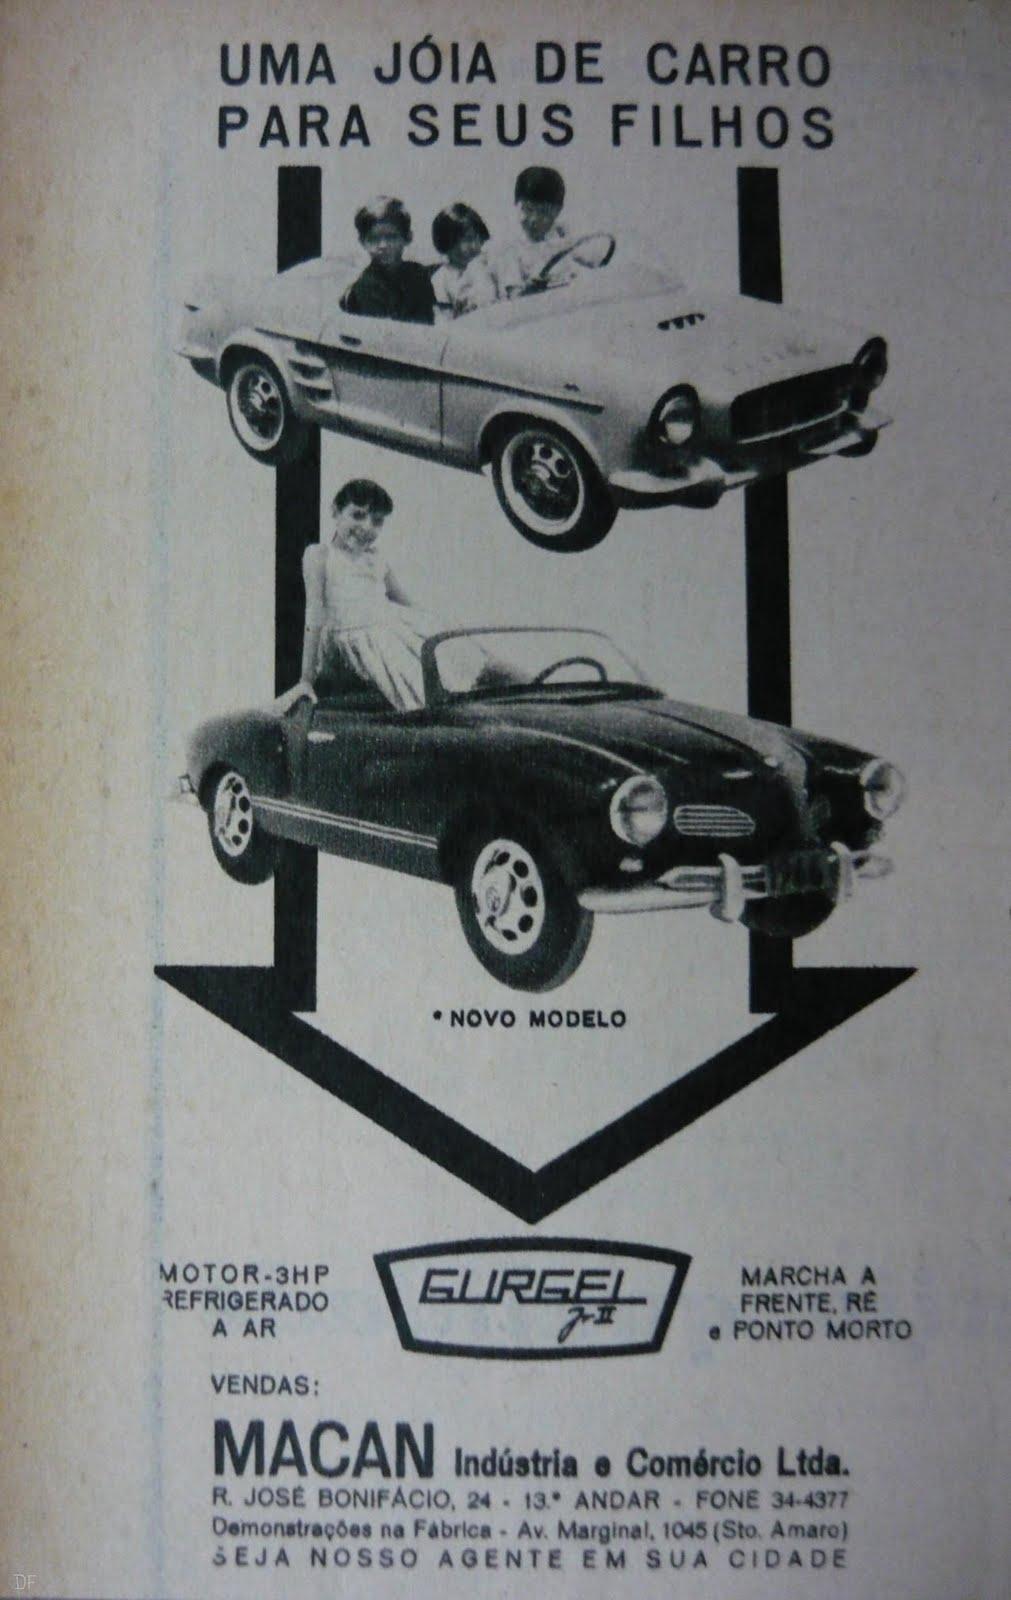 Anúncio na revista 4 Rodas de Dezembro de 1965, edição 65, página 122 / Fonte: http://fuscaclassic.blogspot.com.br/2011/11/vw-o-pequeno-karmann-ghia-gurgelii.html